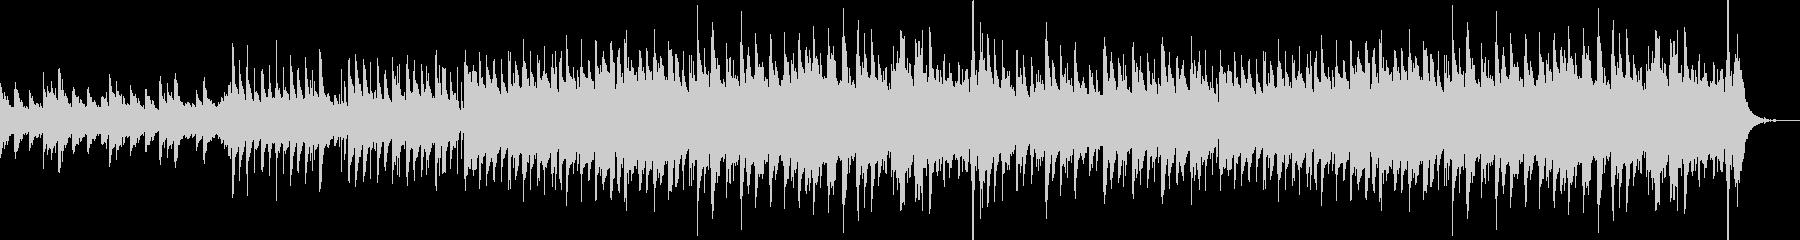 ピアノ中心の心あたたまるBGMの未再生の波形